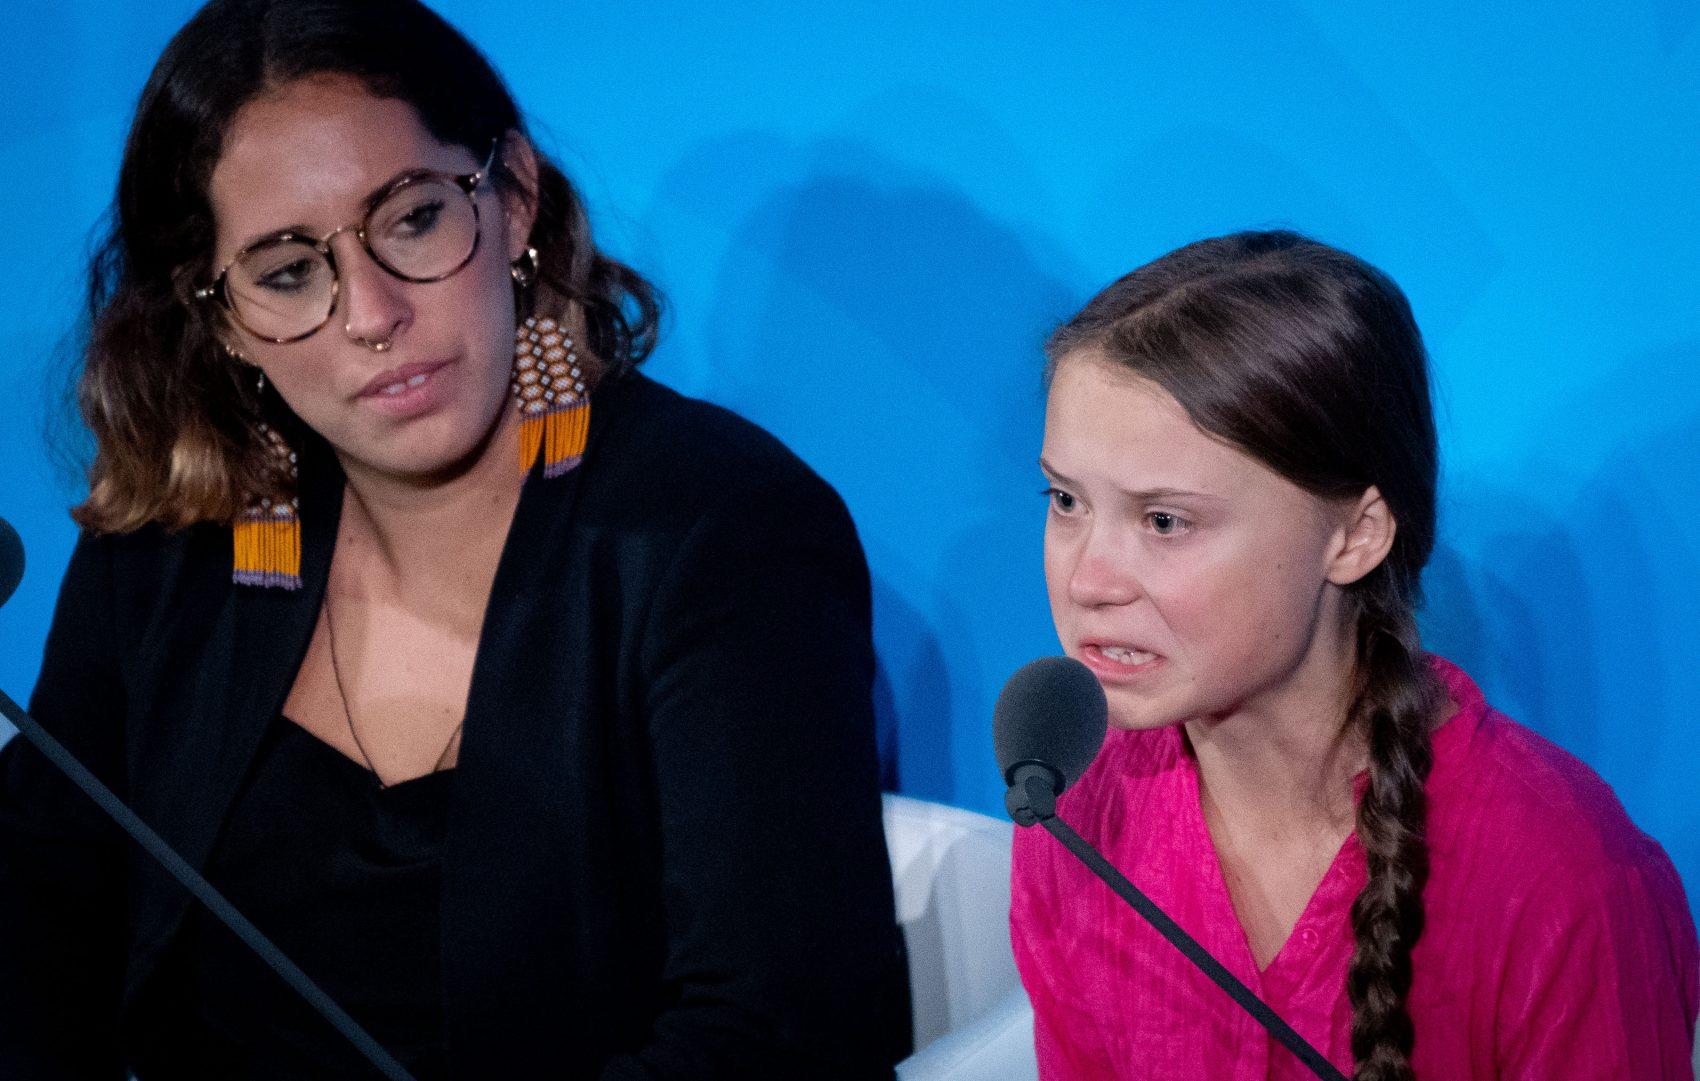 """Greta Thunberg,, ao lado da brasileira Paloma Costa, do Engajamundo, na abertura da Cúpula Climática: """"Vocês roubaram os meus sonhos e minha infância com palavras vazias"""" (Foto: Kay Nietfeld/DPA)"""